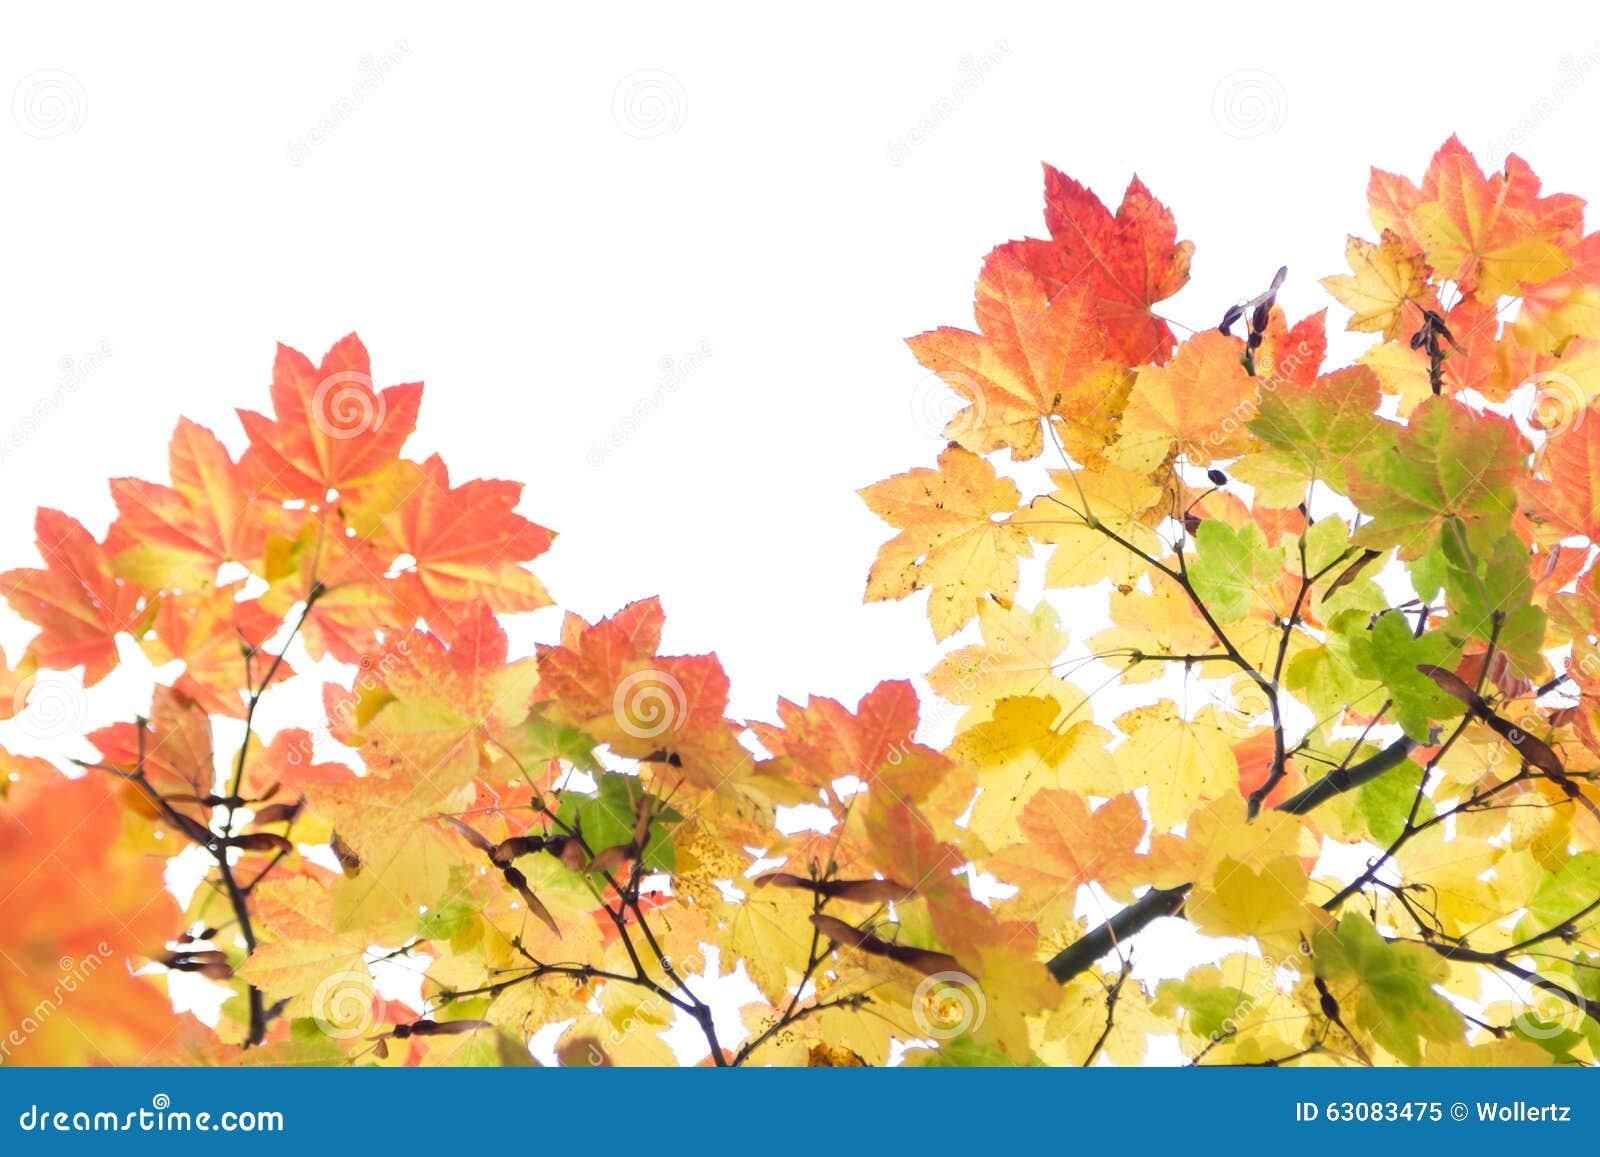 Download Autumn Leaves image stock. Image du vert, detail, érable - 63083475